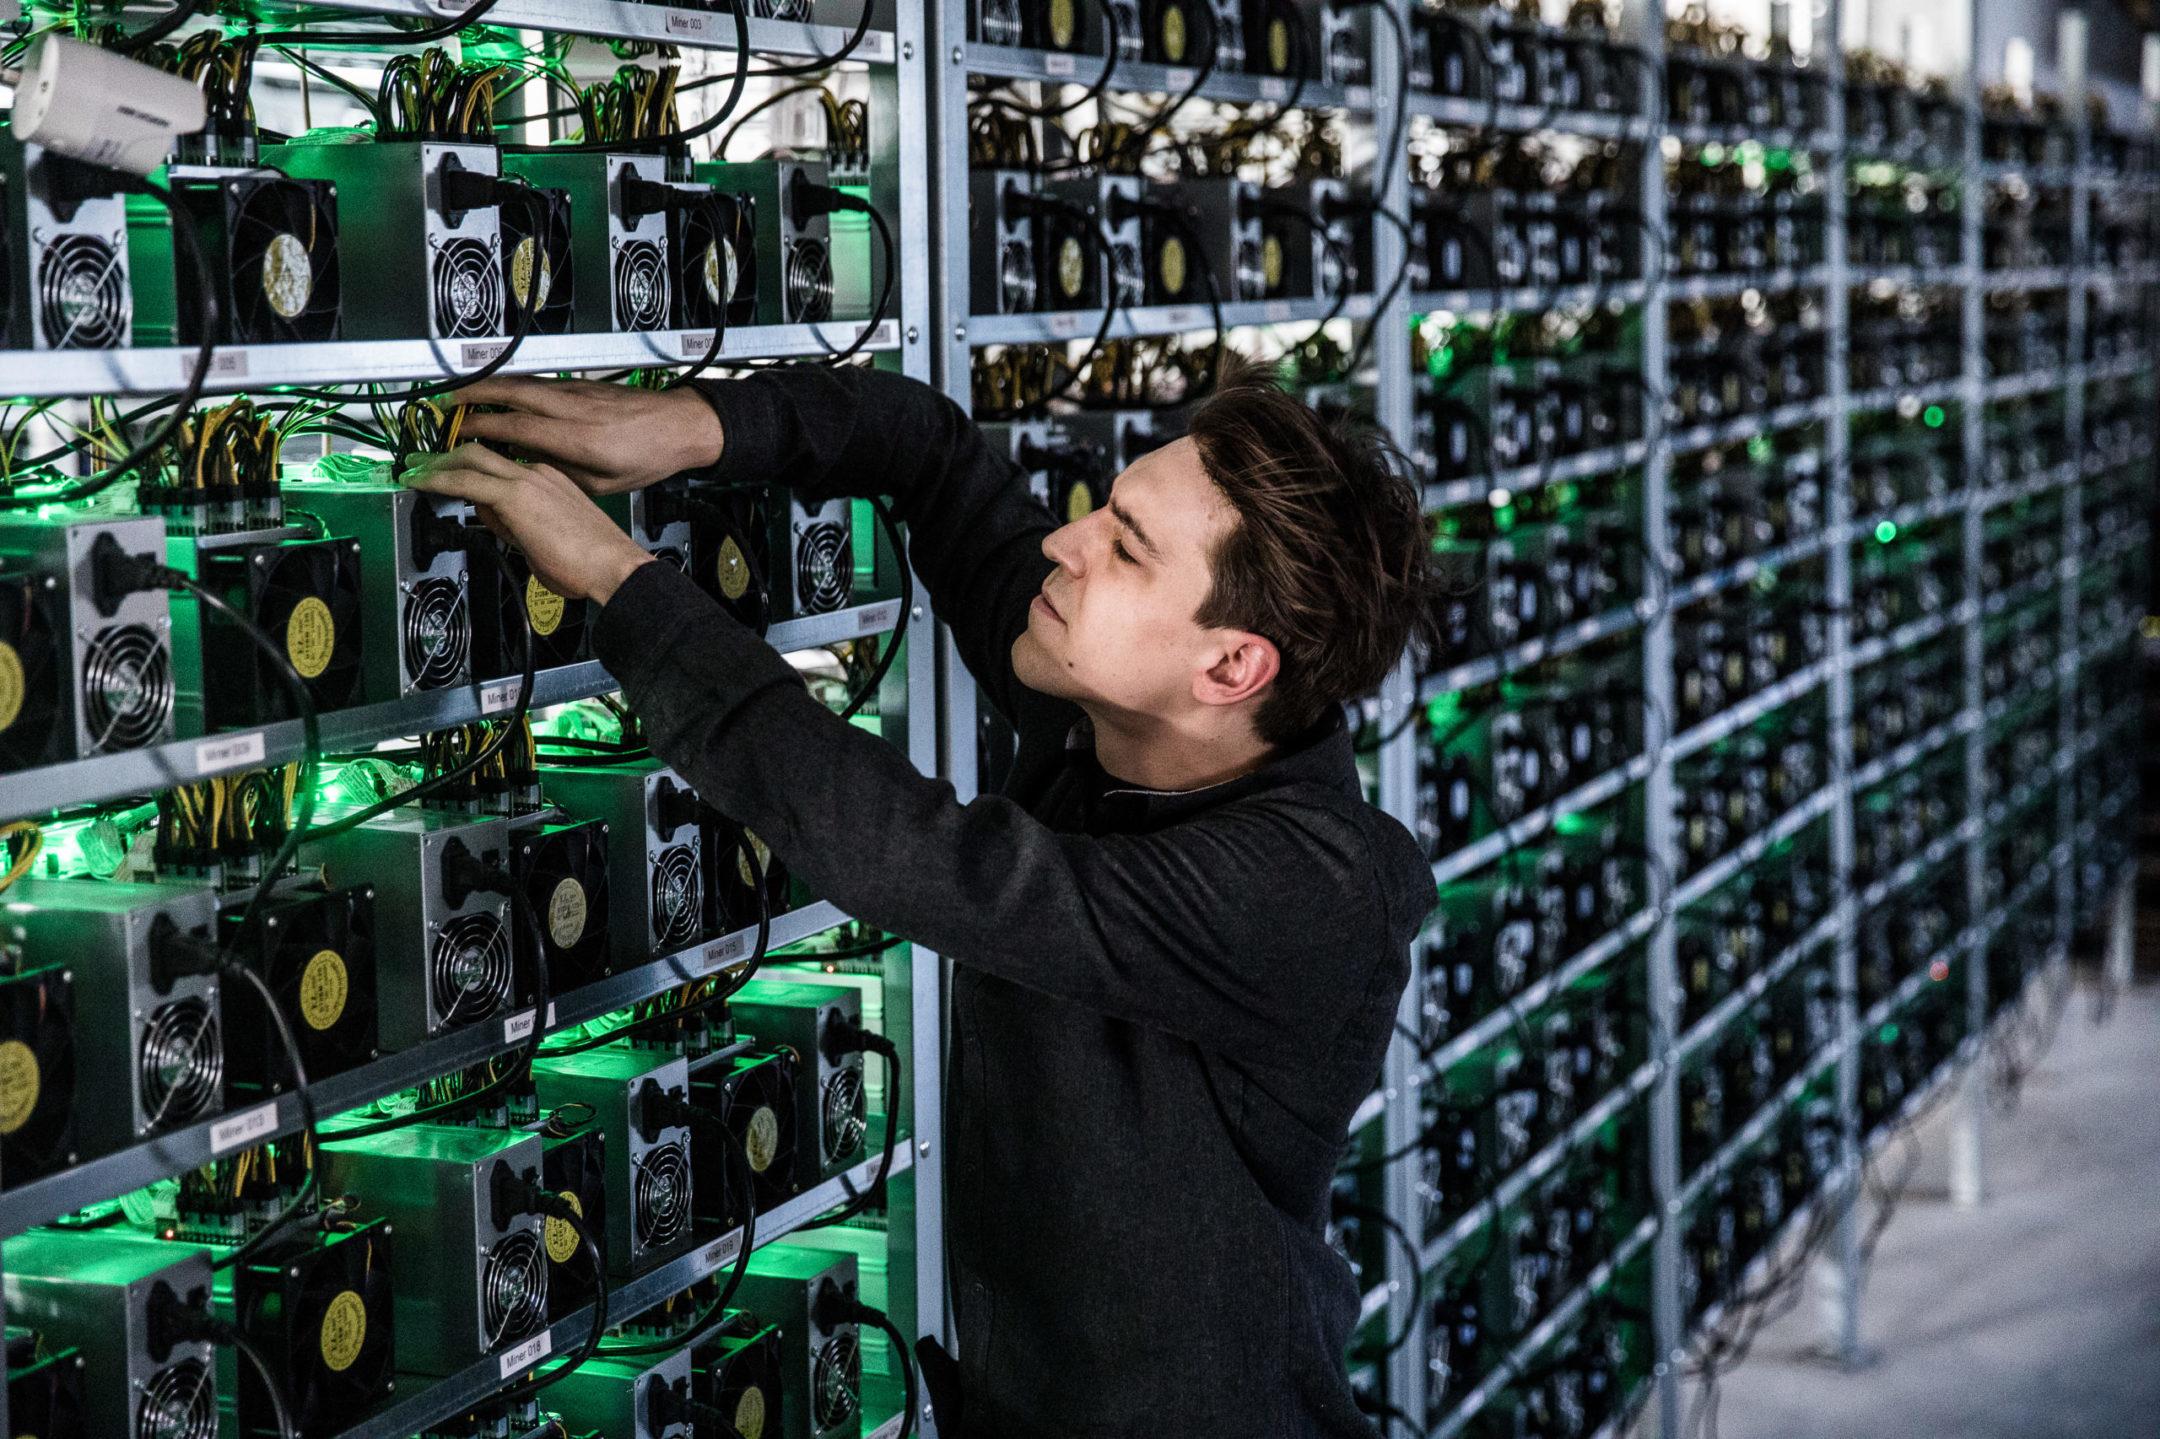 Стоит ли заниматься майнингом криптовалюты: особенности, необходимое оборудование и преимущества